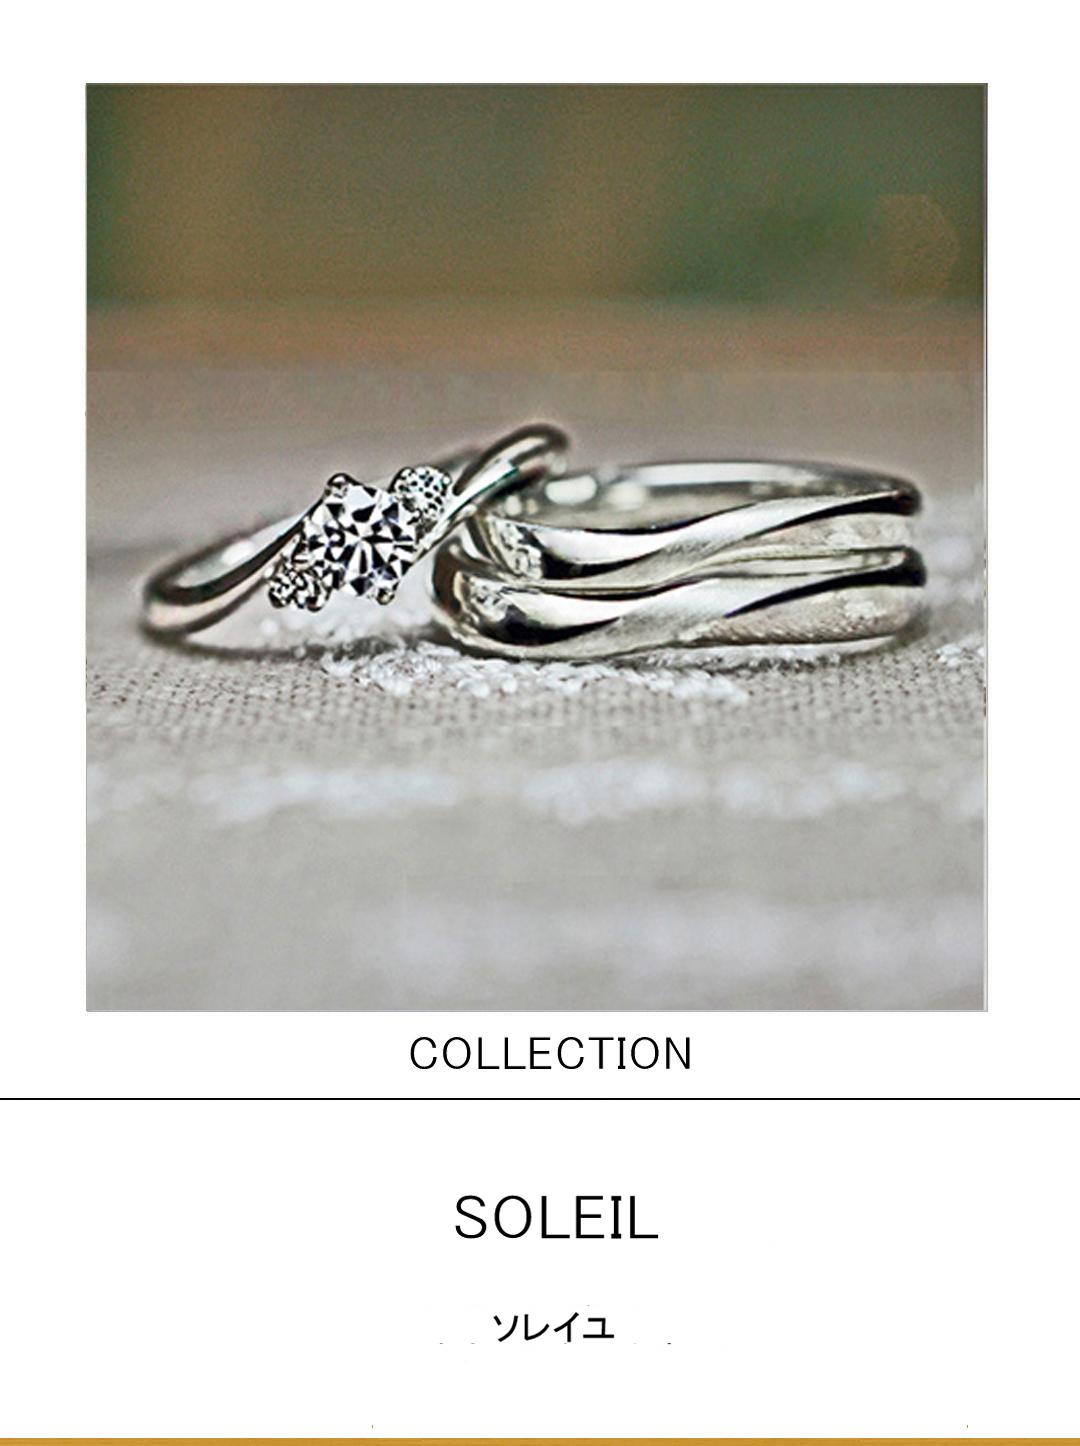 太陽の婚約指輪と静かなウェーブの結婚指輪を重ねるセットリングのサムネイル